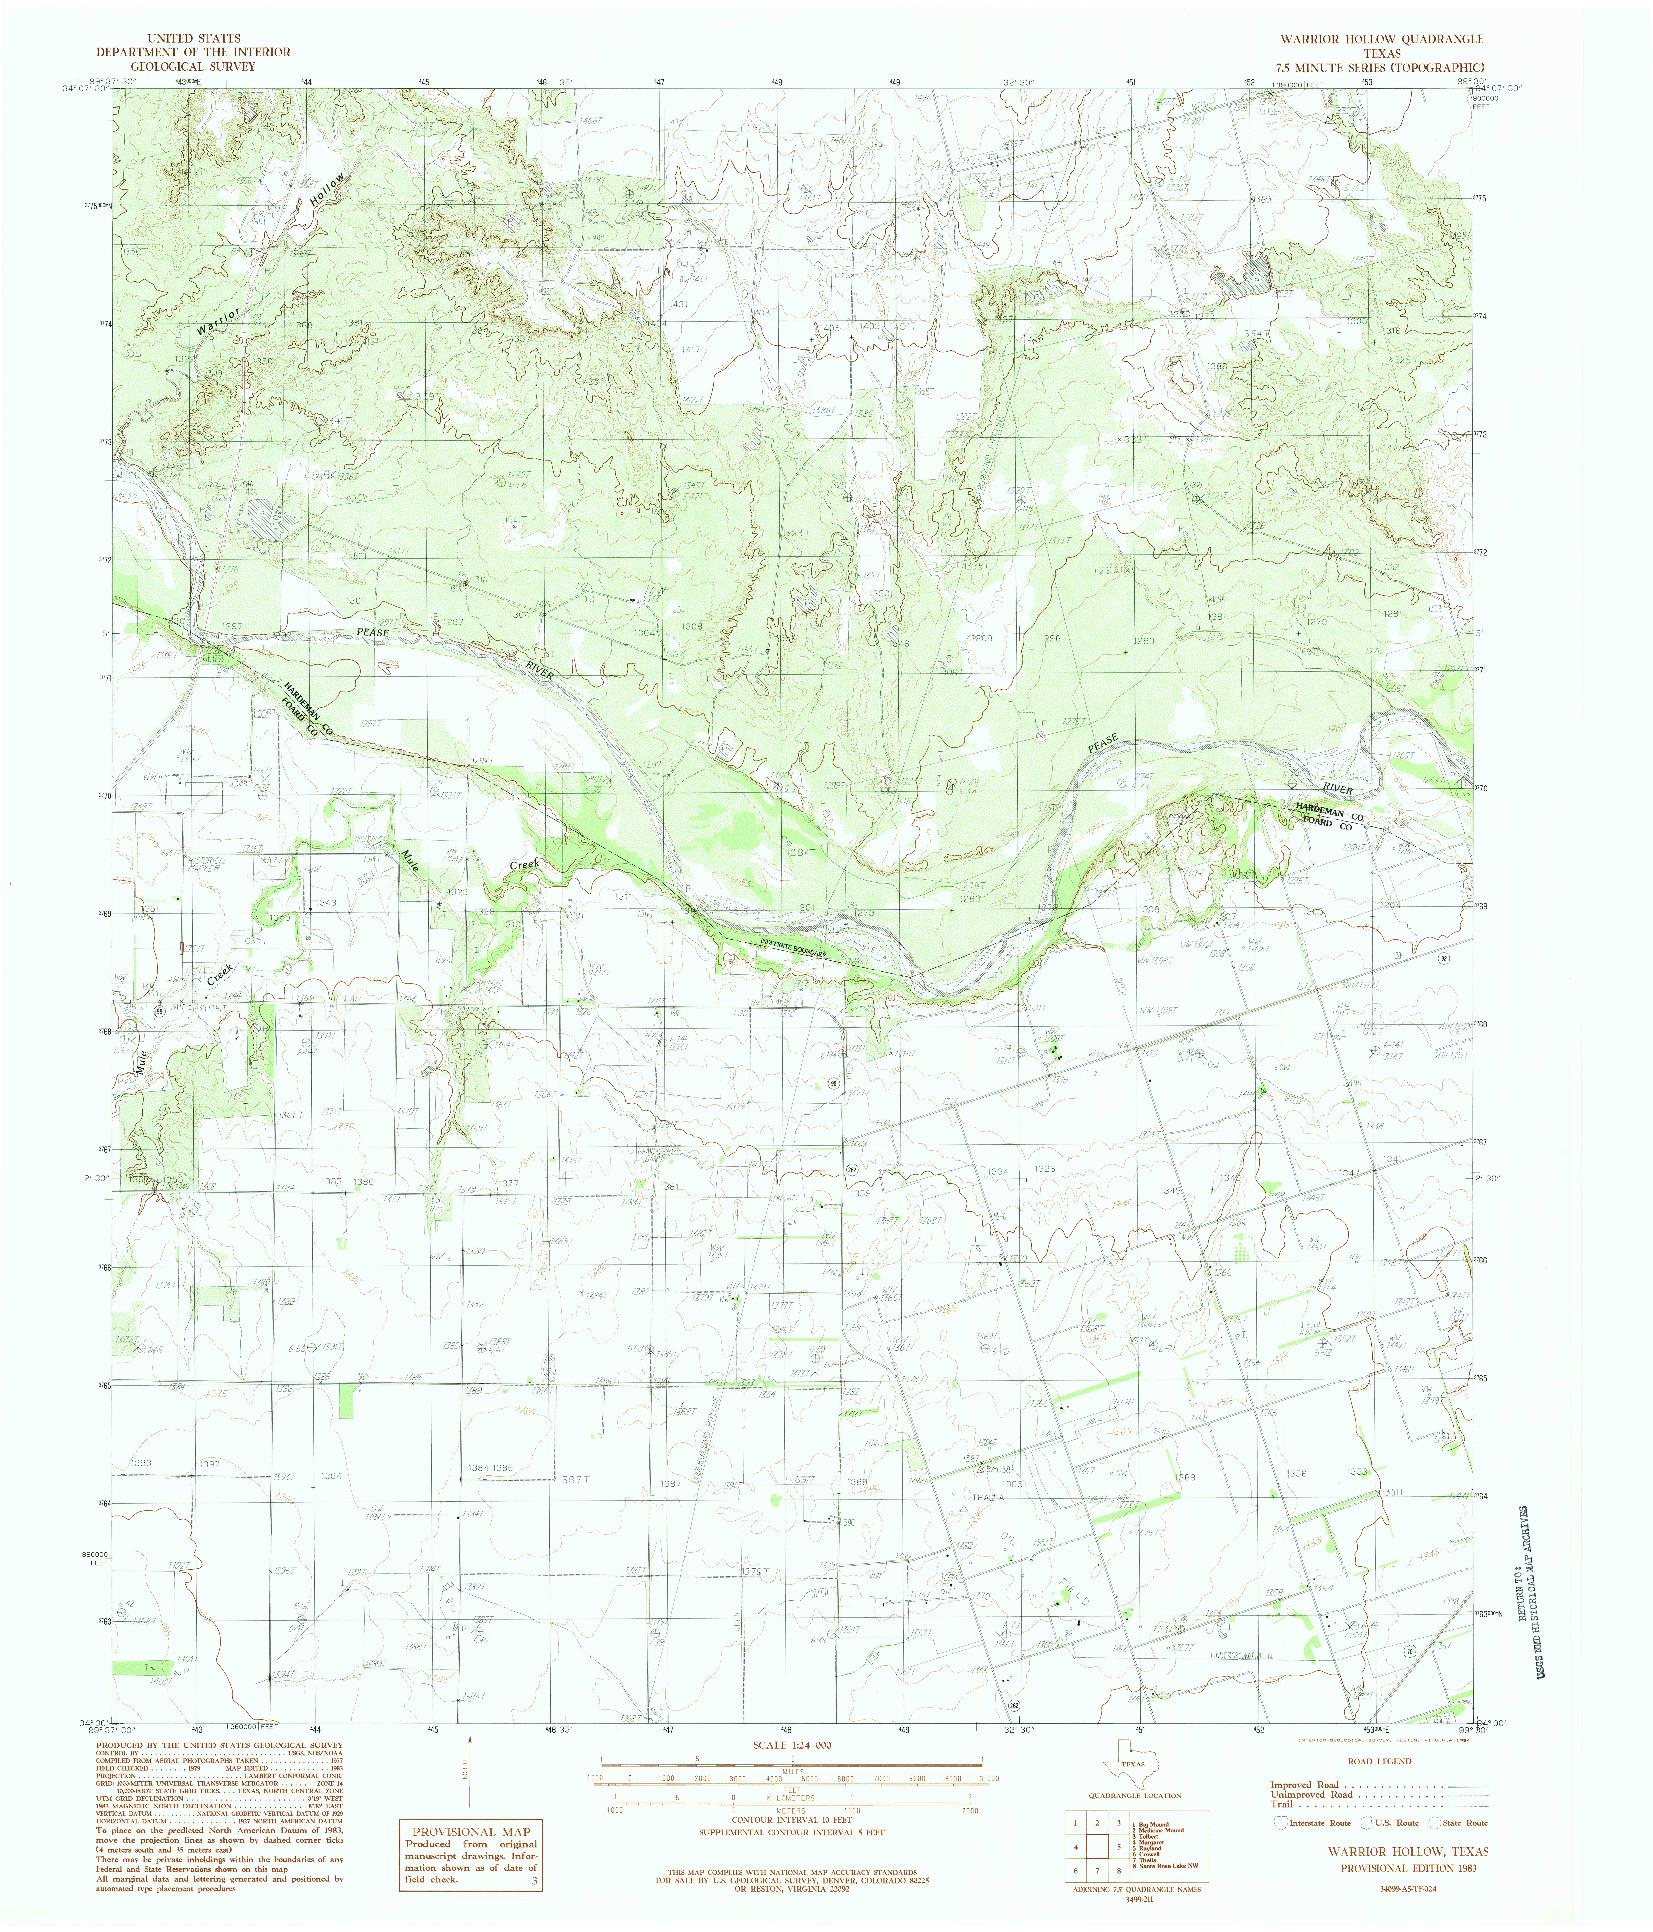 USGS 1:24000-SCALE QUADRANGLE FOR WARRIOR HOLLOW, TX 1983